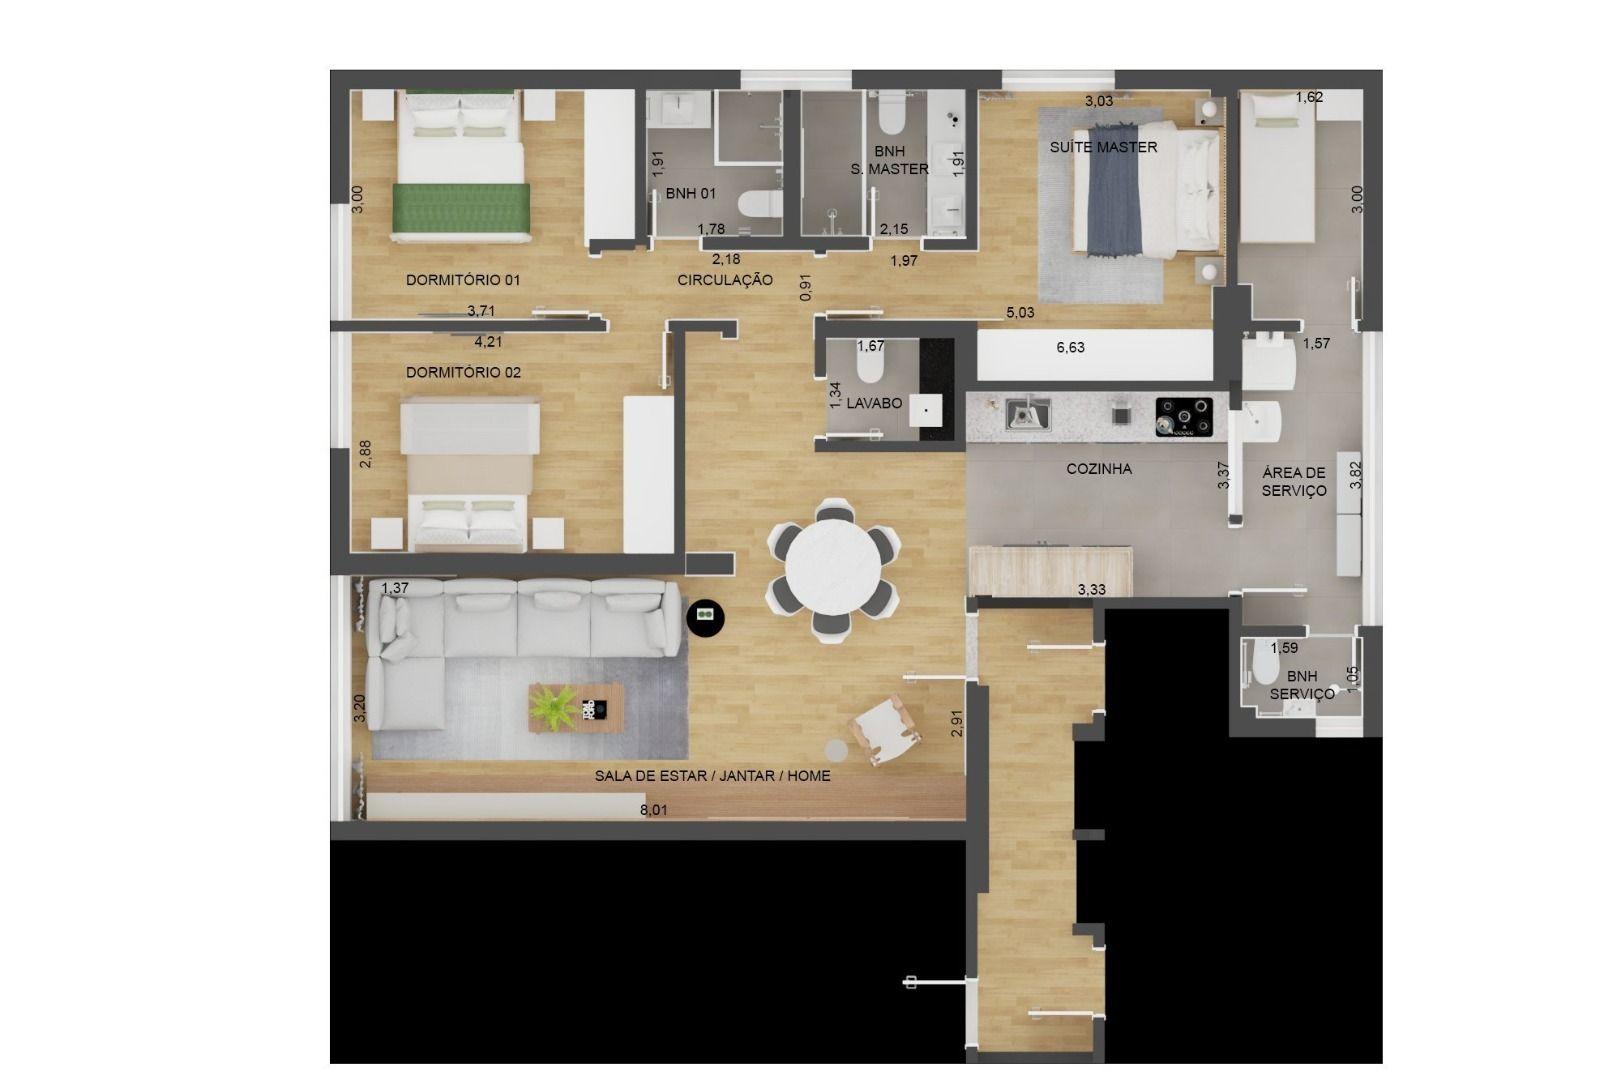 120 M² - 3 DORMITÓRIOS, SENDO 1 SUÍTE. (Apartamento 131, 13º andar).